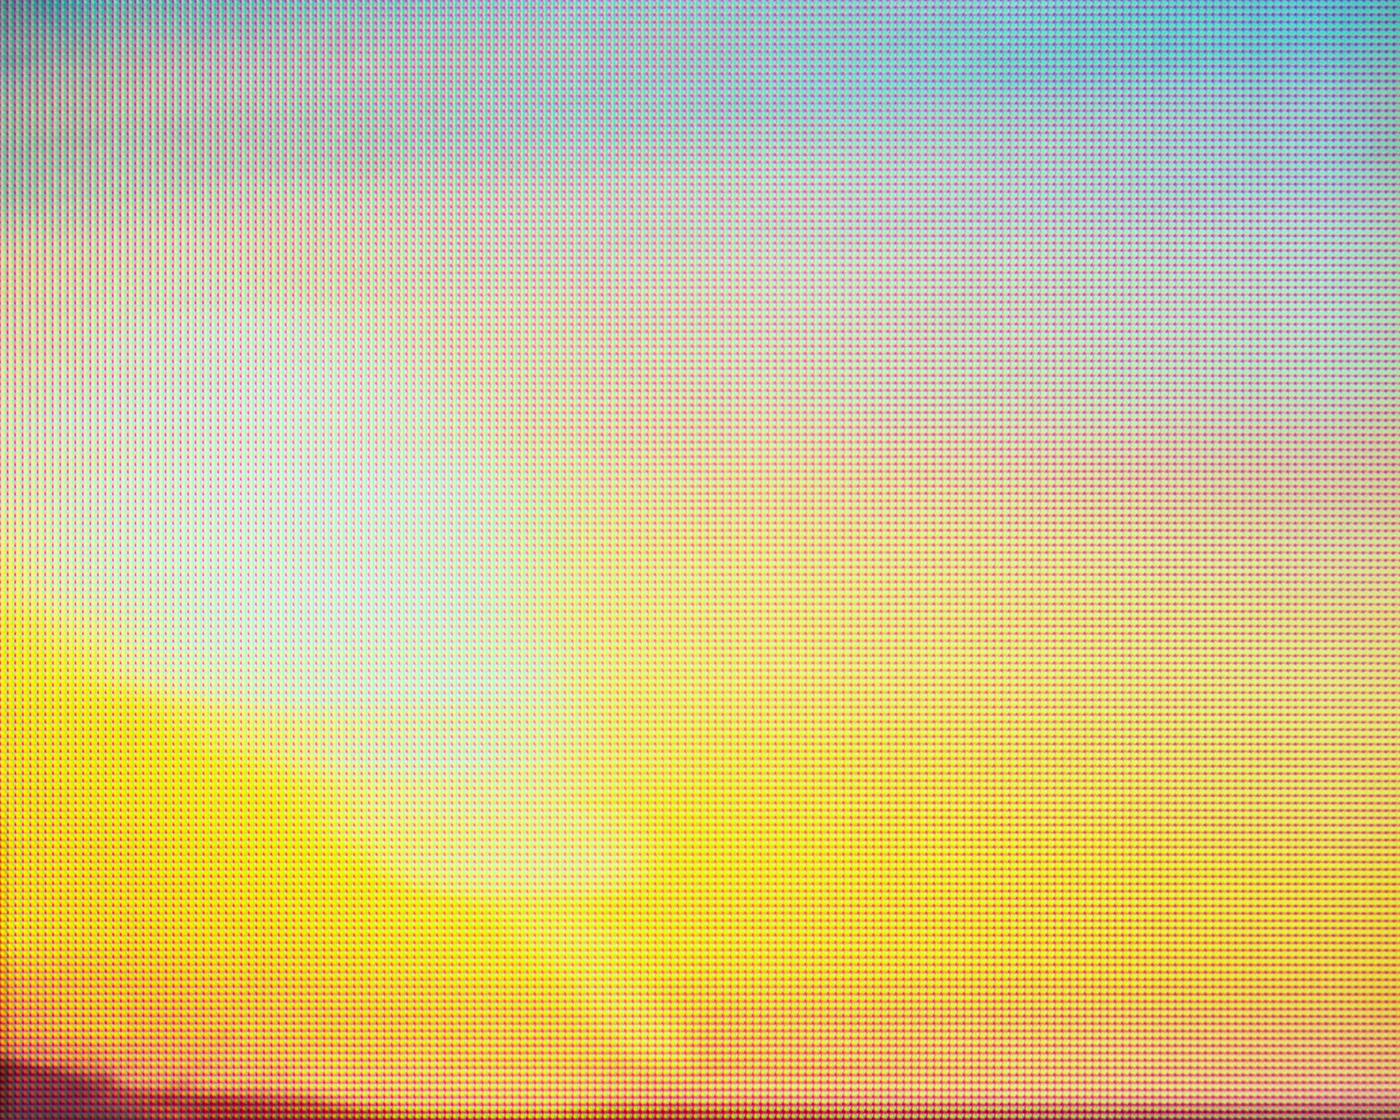 sg_sunrise_61.jpg